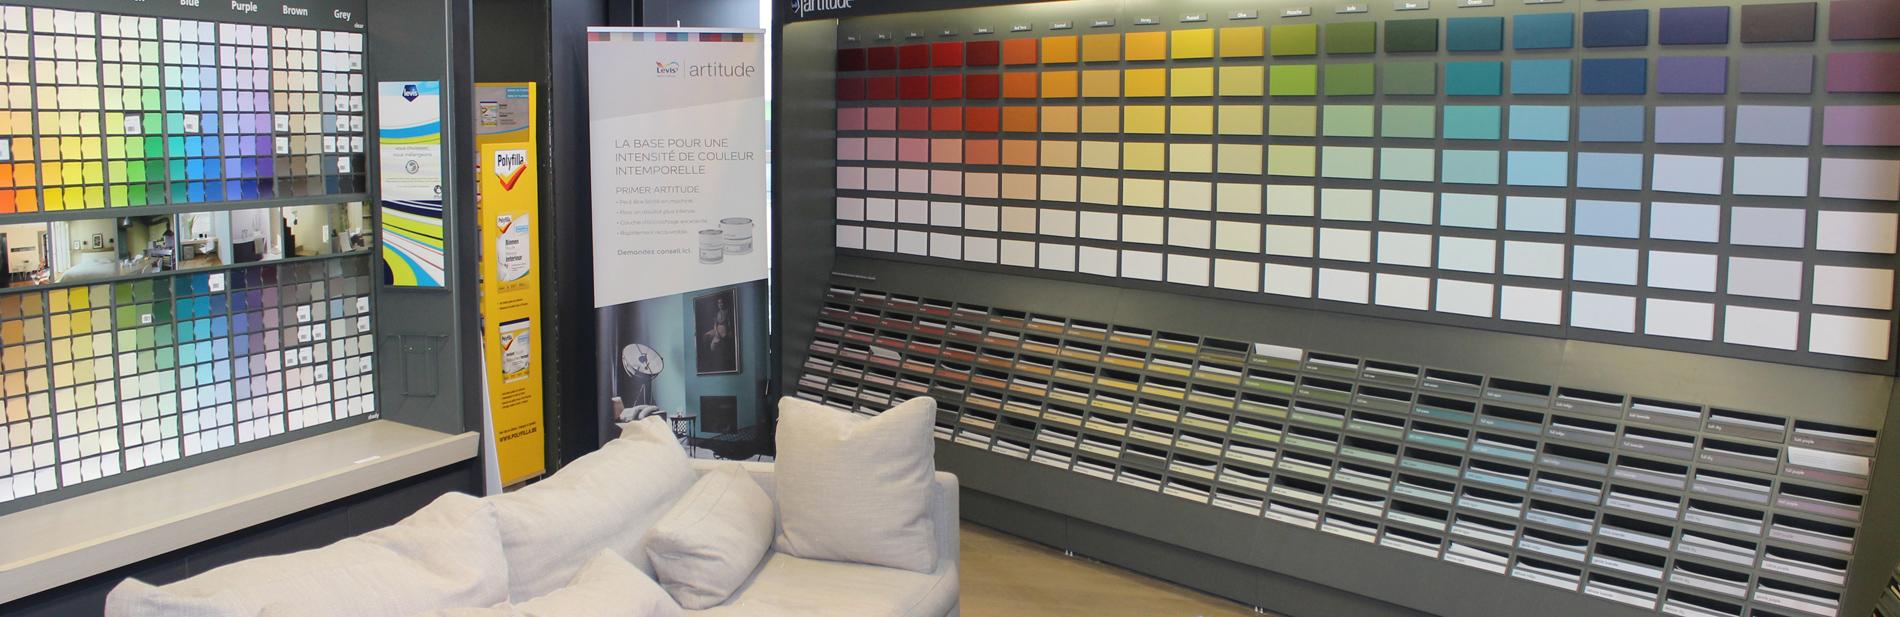 toutes les couleurs de la peinture pour dcoration chez miniox - Meilleure Marque De Peinture Professionnelle